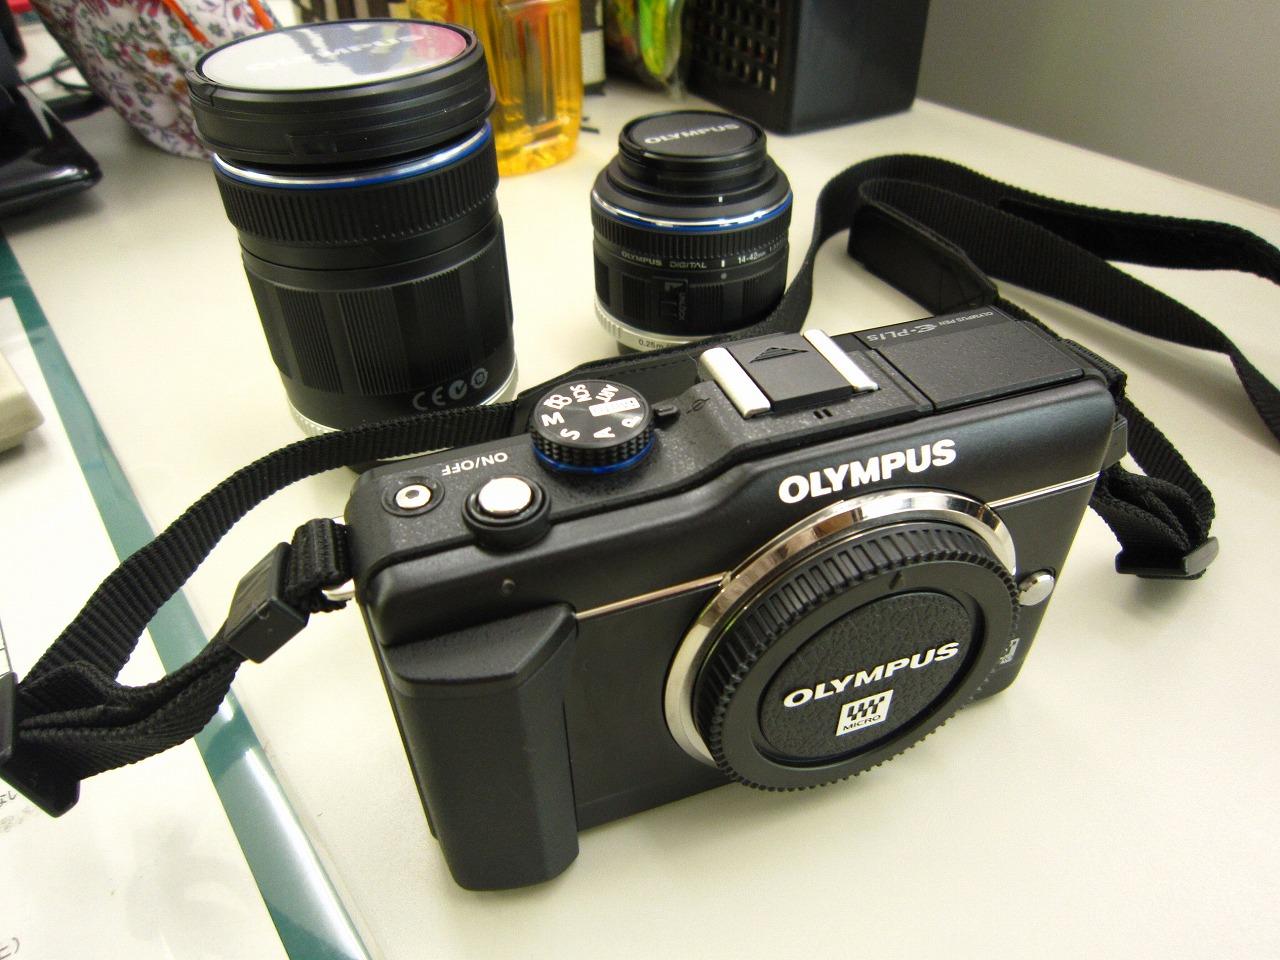 オリンパス PL1s 002